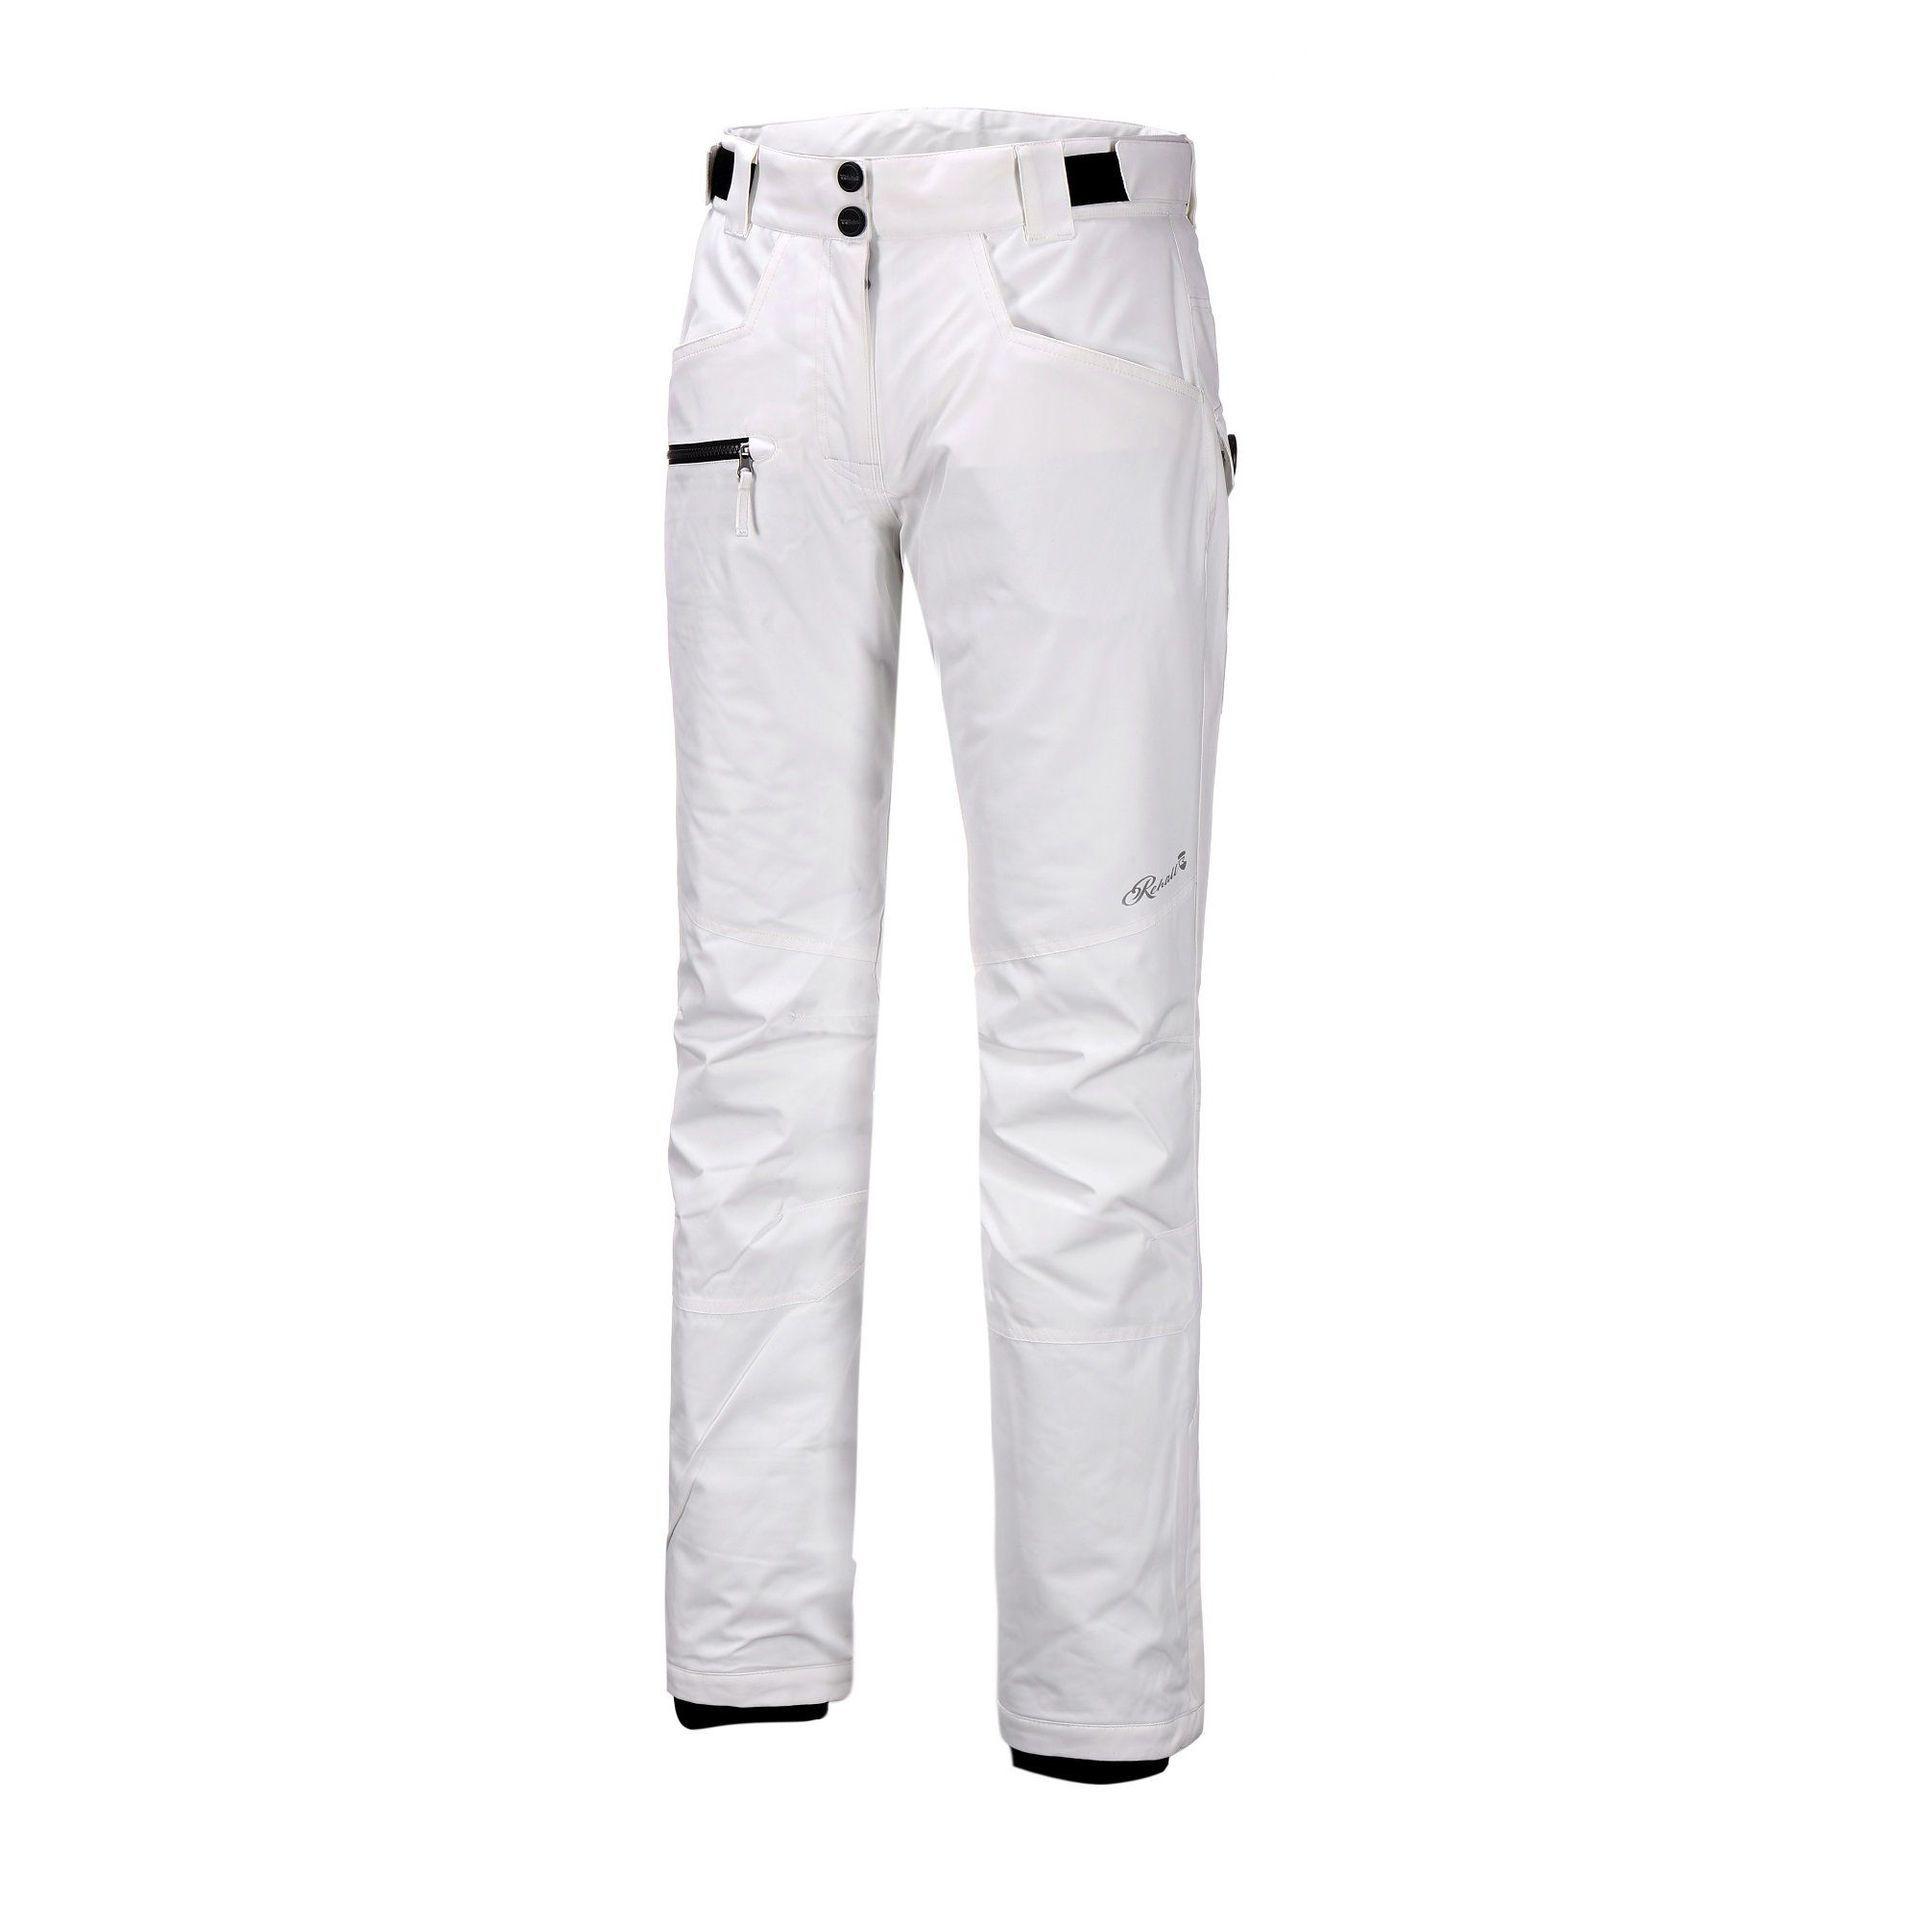 SPODNIE REHALL JENNY-R 50915 WHITE